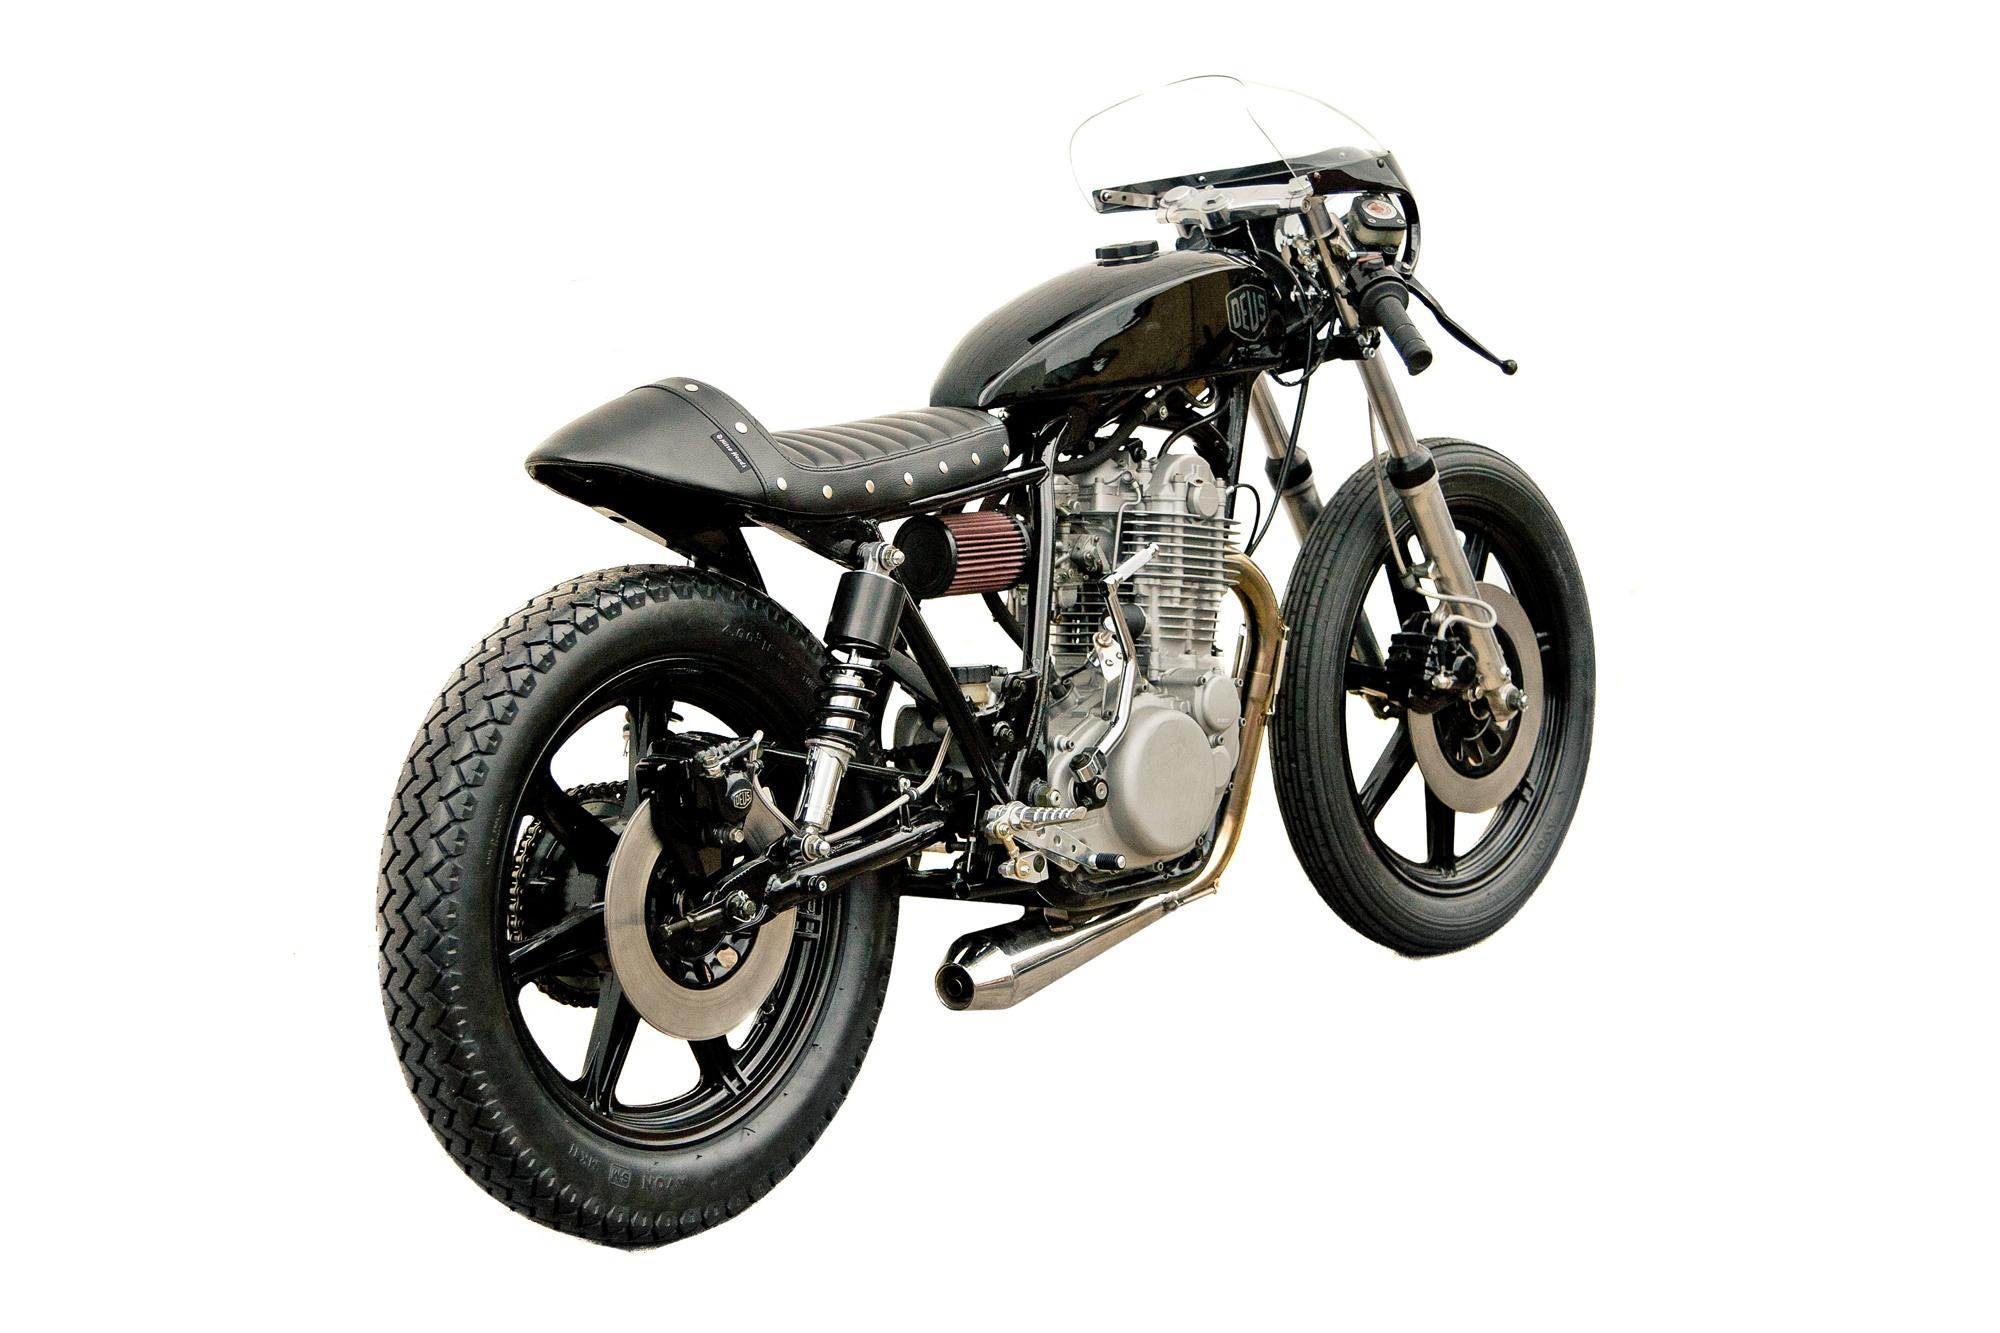 James May U0026 39 S Yamaha Sr400